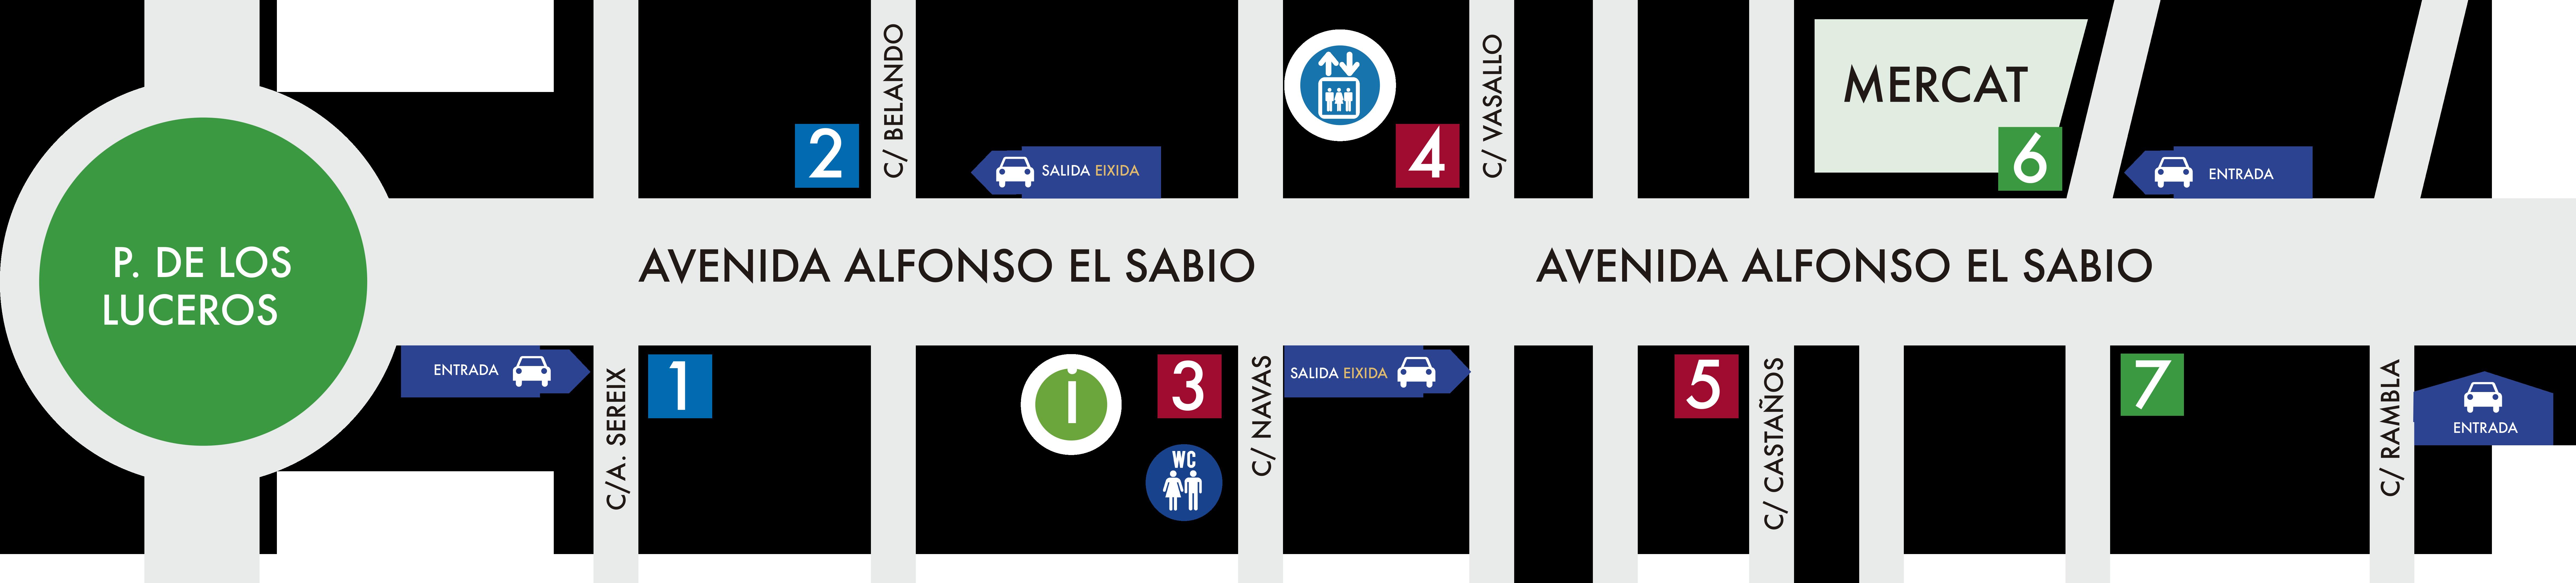 mapa asabio